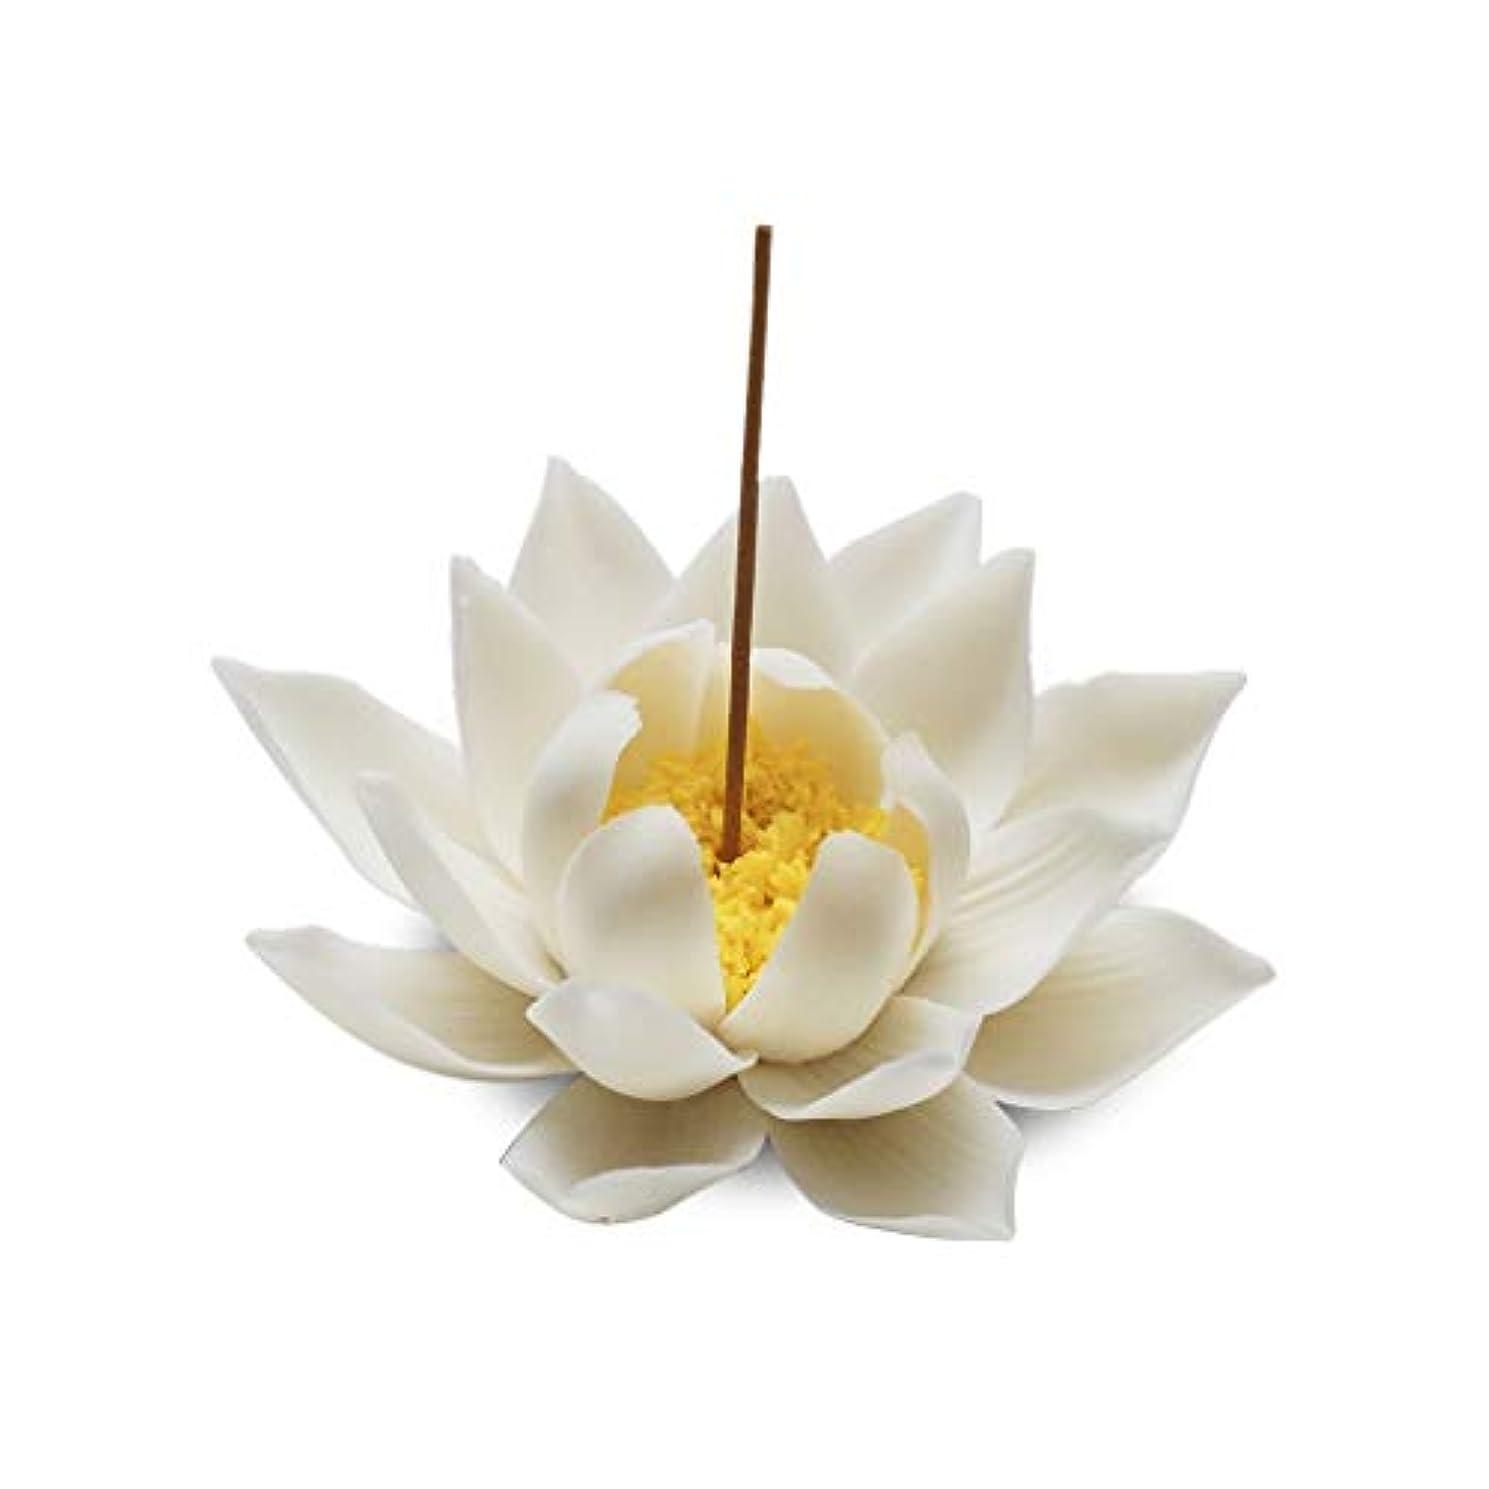 セラミック蓮香バーナー家の装飾香スティックホルダー仏教アロマセラピー香炉ホームオフィス用 (Color : A)